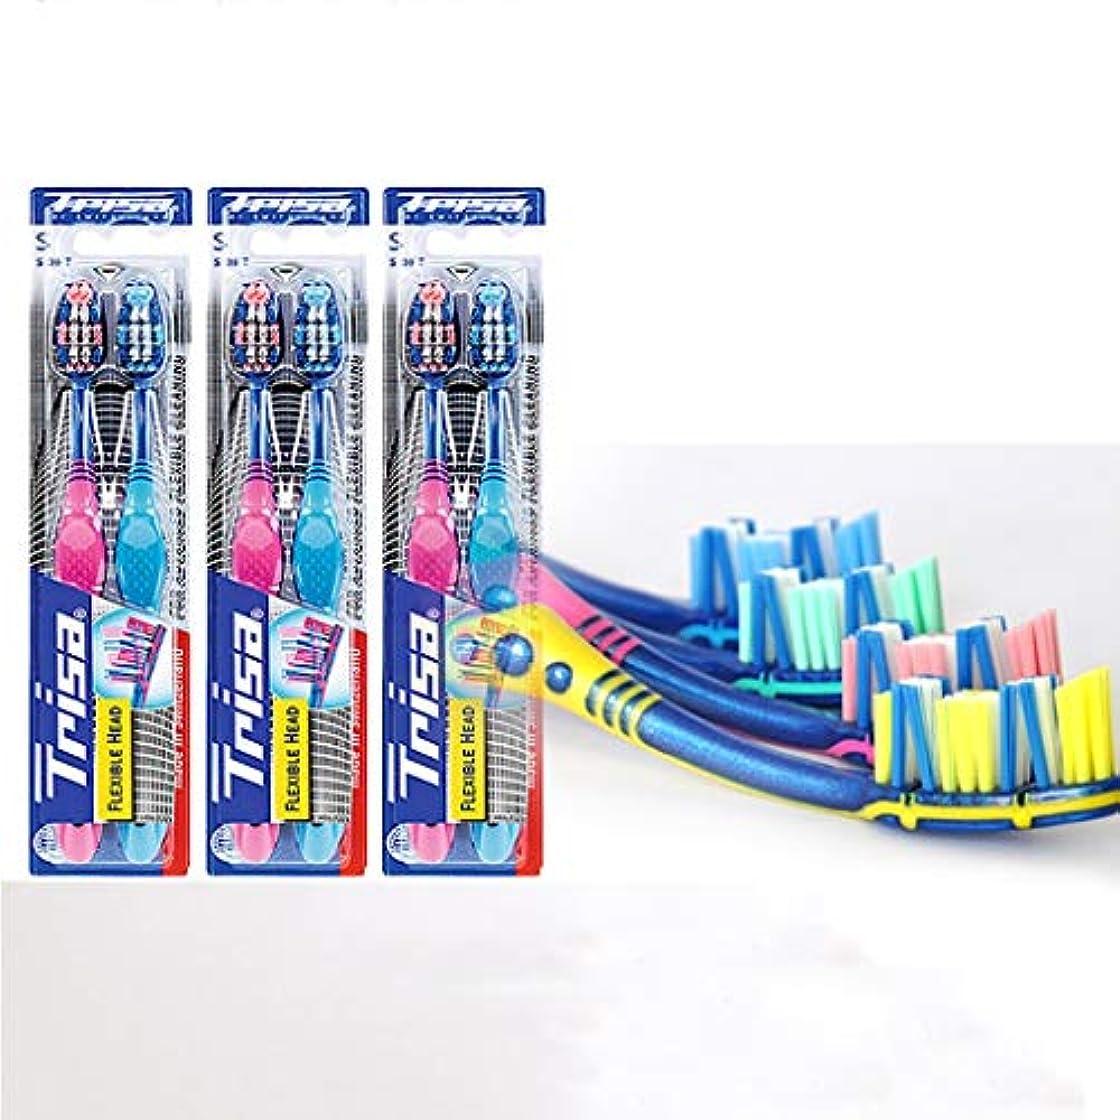 補充ベイビースチール家族は、6本の大包装歯ブラシ、ディープクリーニングガム、スーパーソフト歯ブラシパック